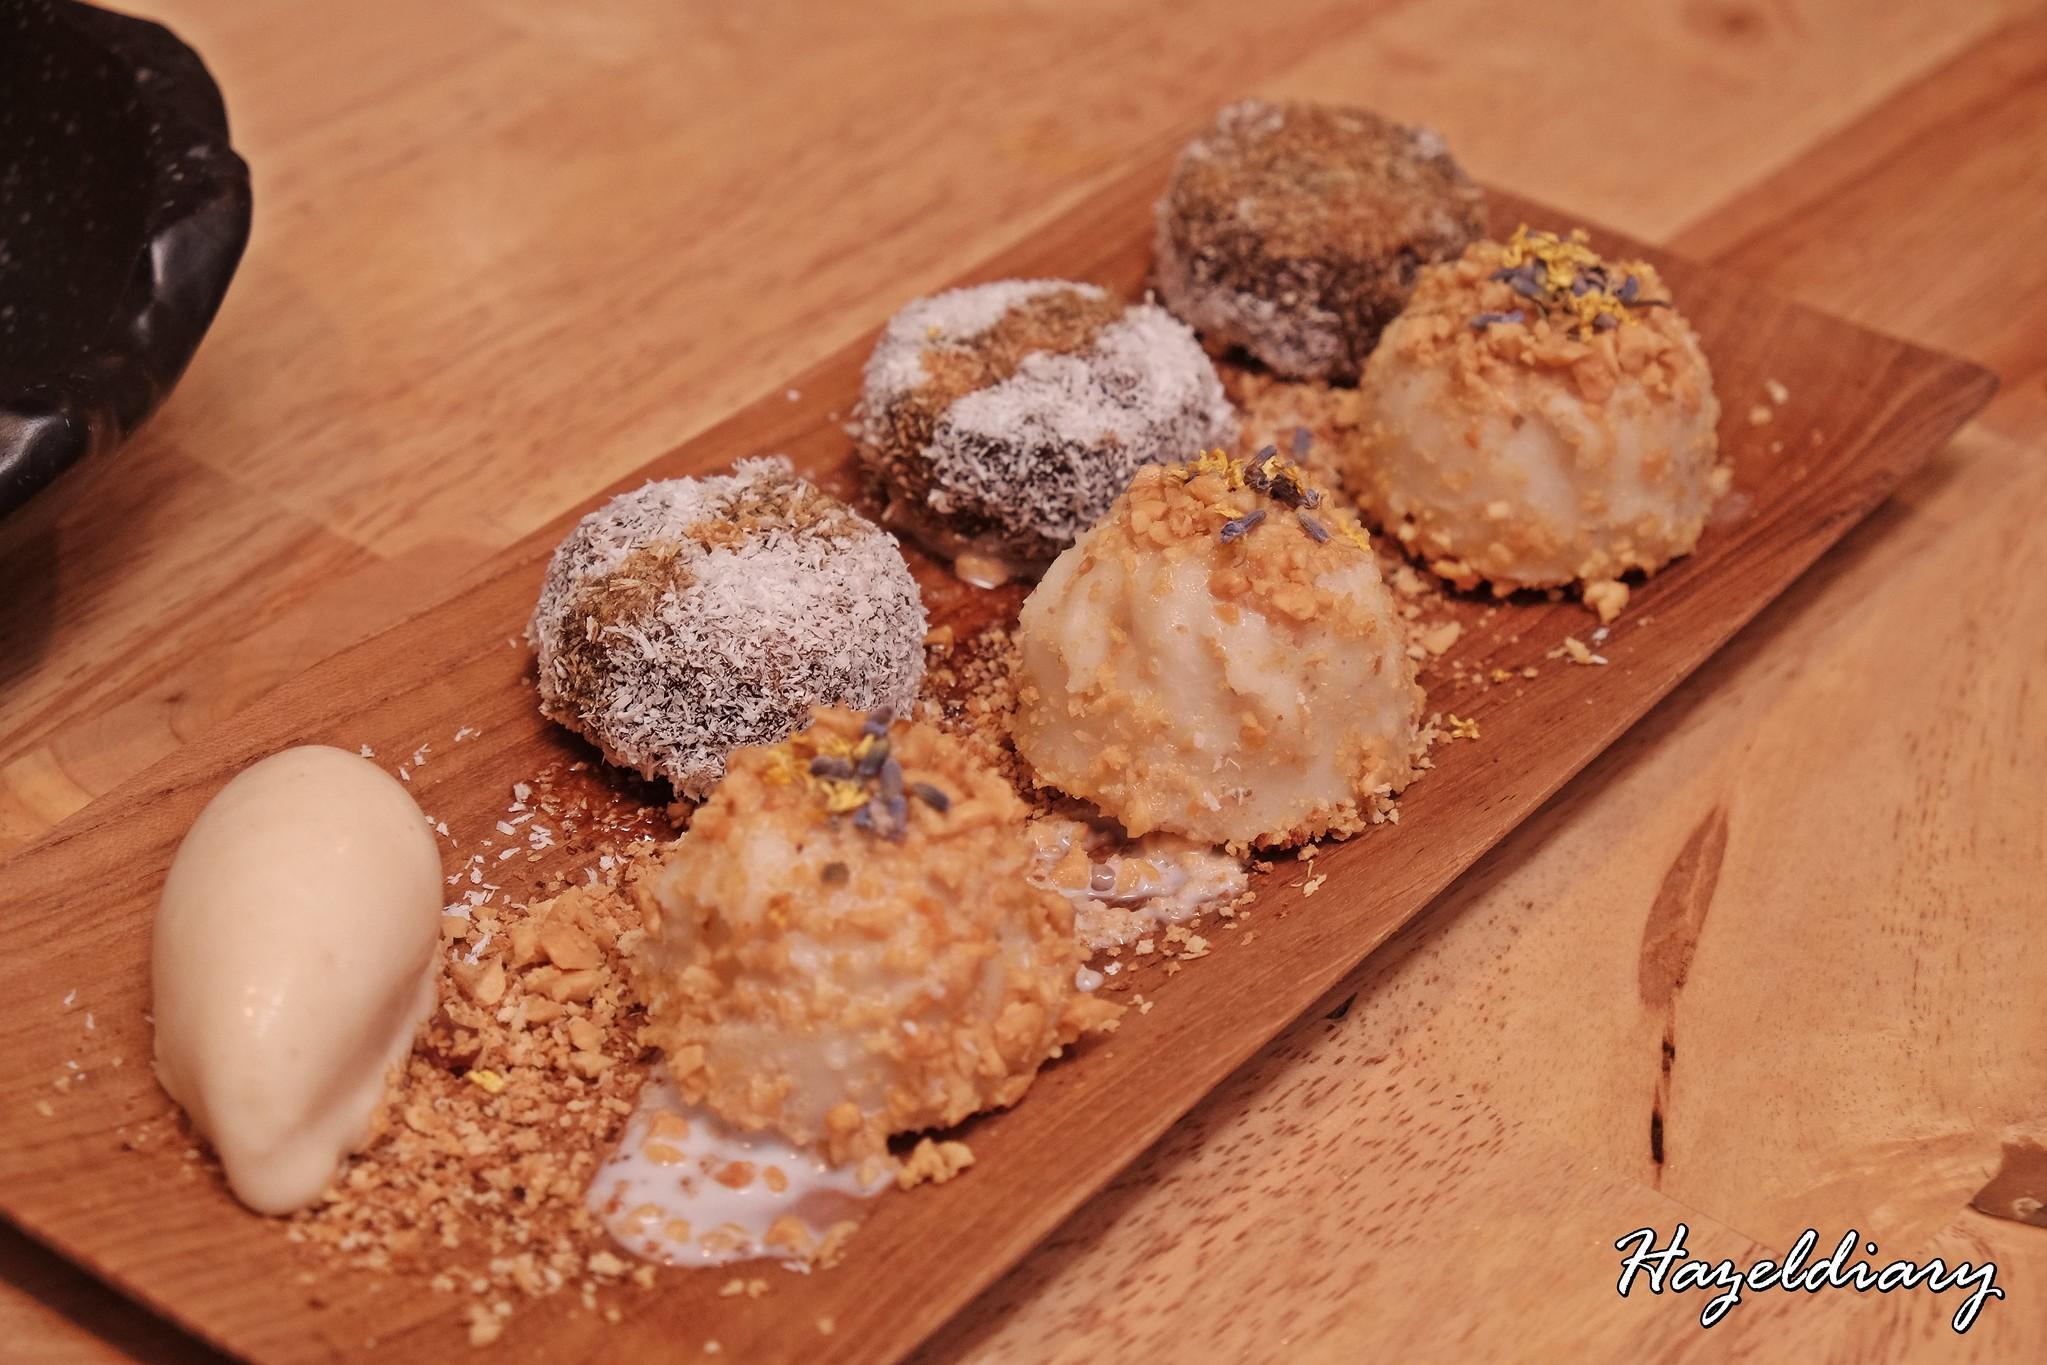 The Sampan Restaurant-Dessert